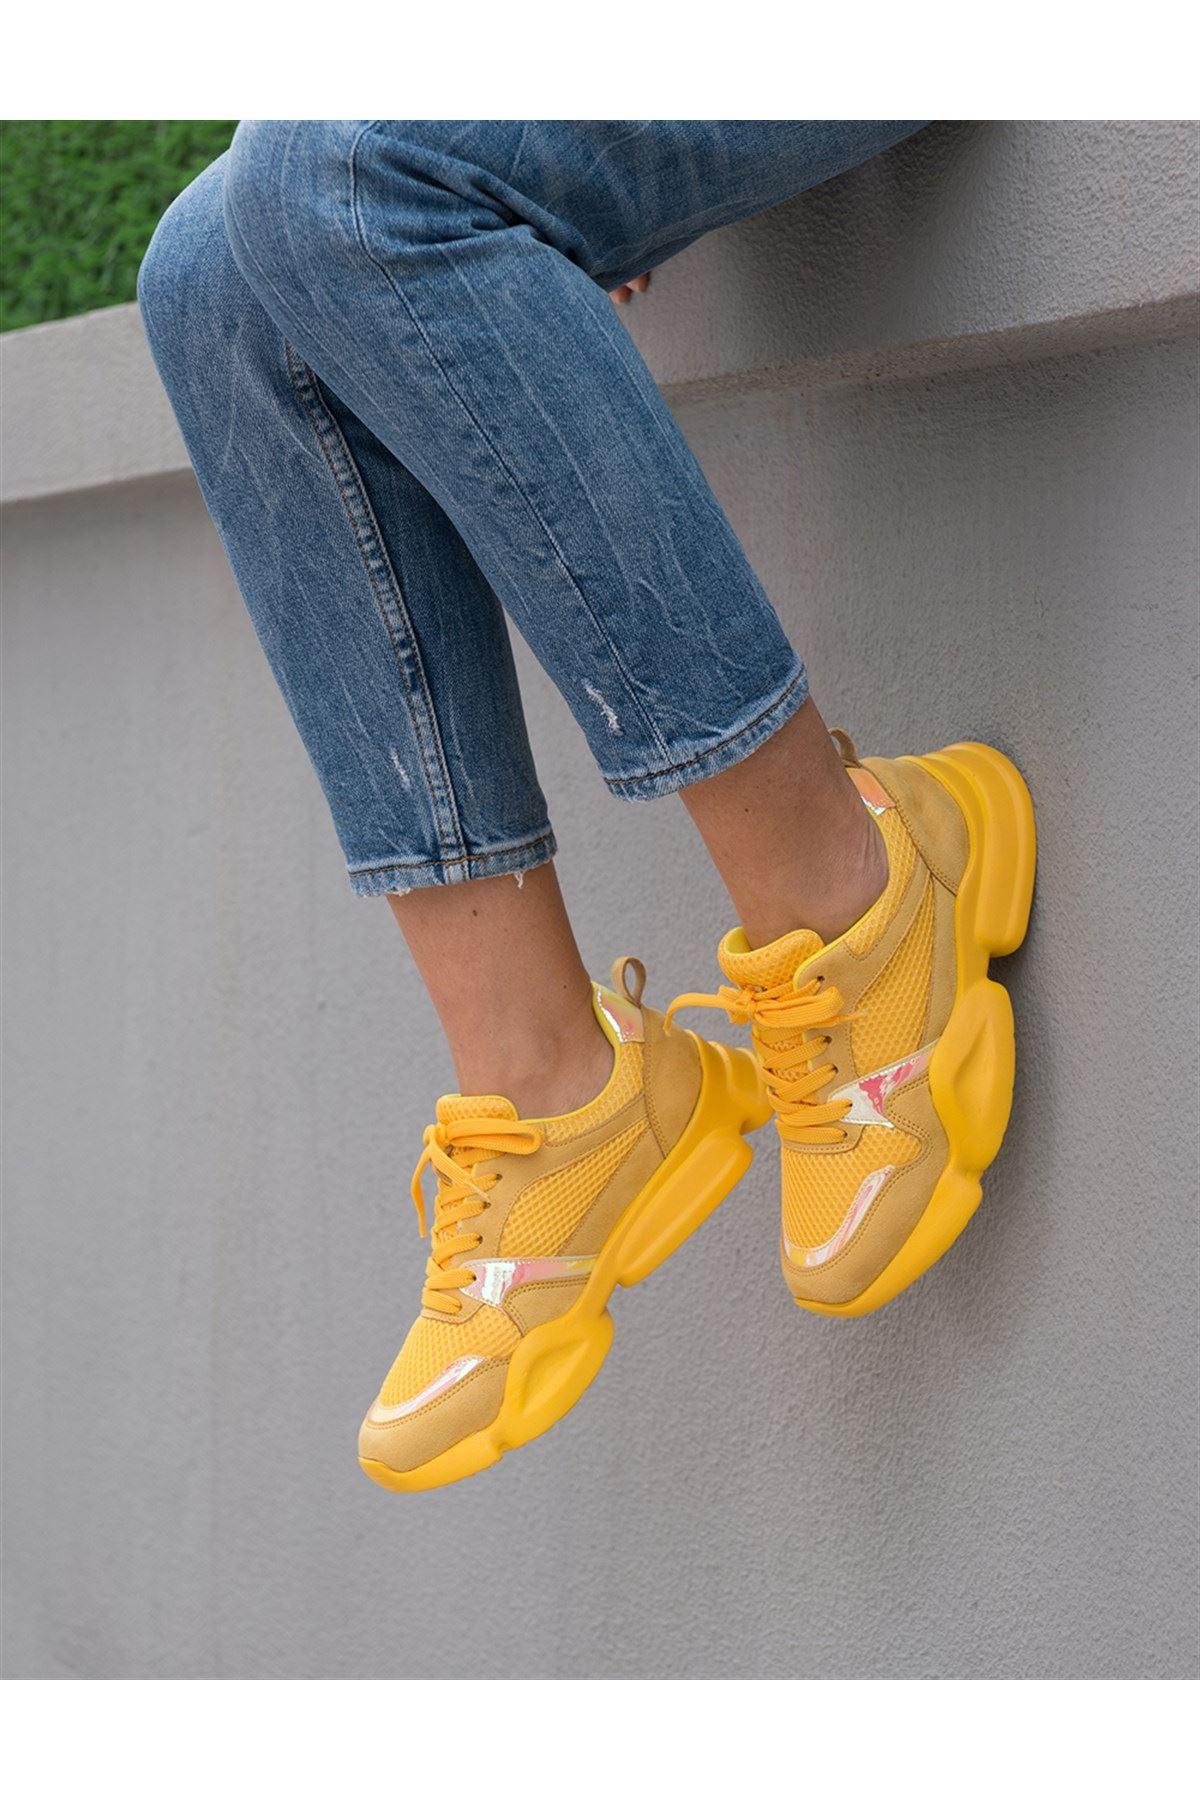 Horsey Sarı Lame İthal Süet Bayan Spor Ayakkabı